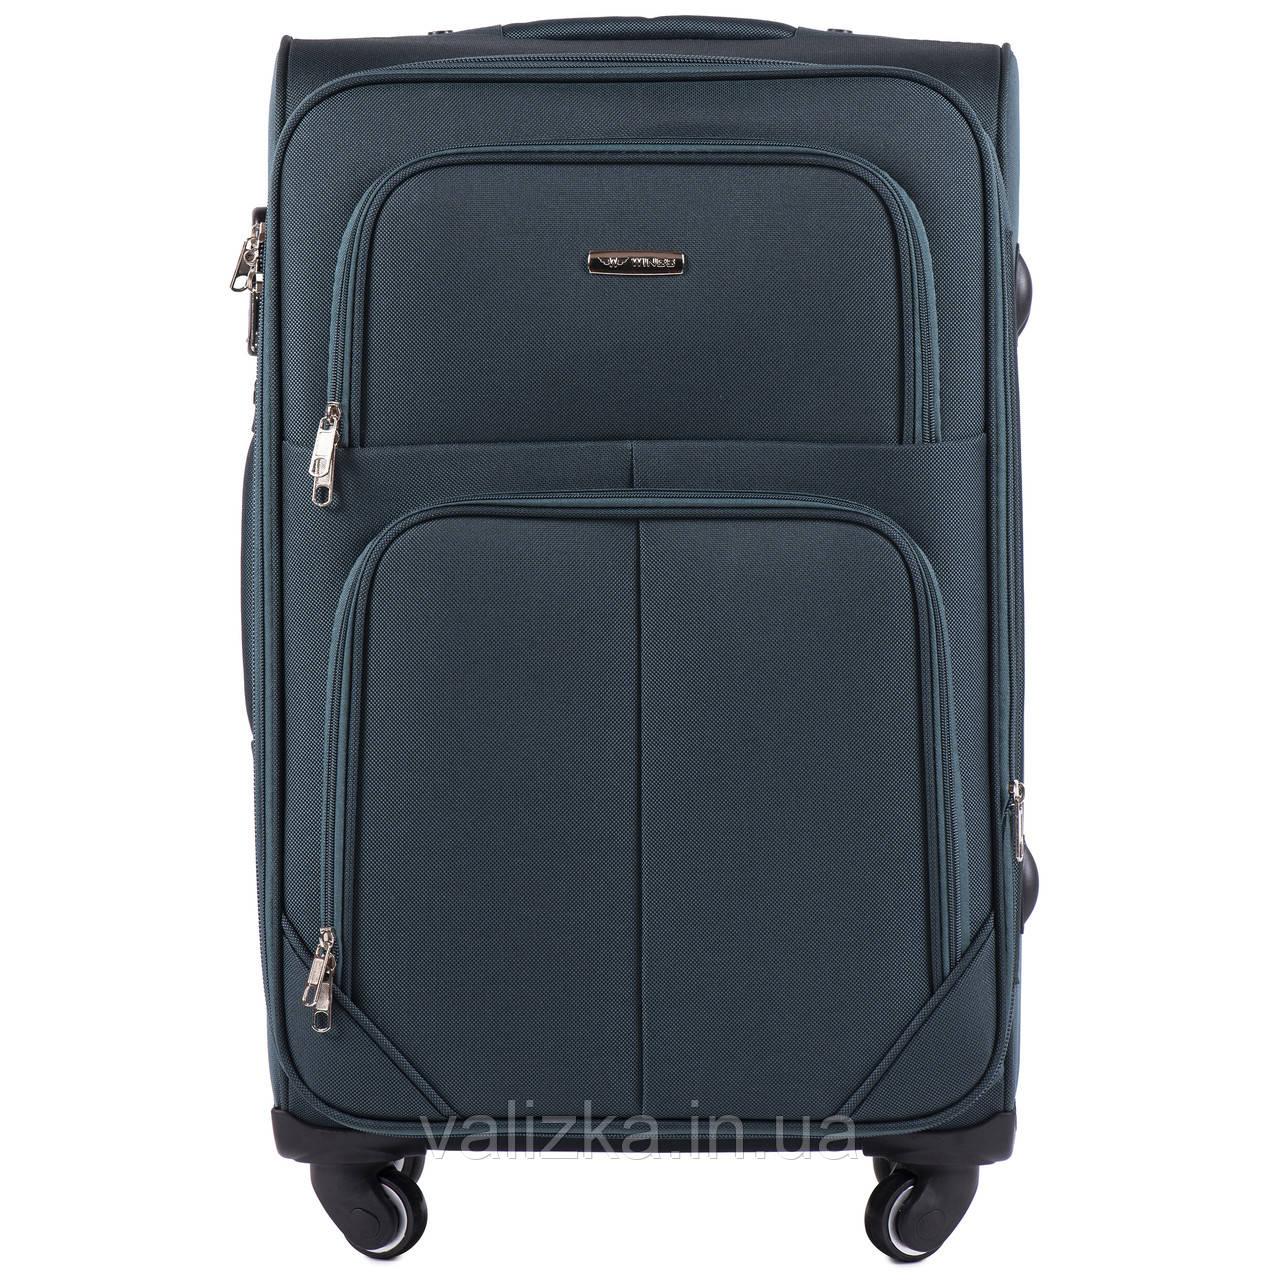 Середній текстильний валізу на 4-х колесах темно-зелений Wings